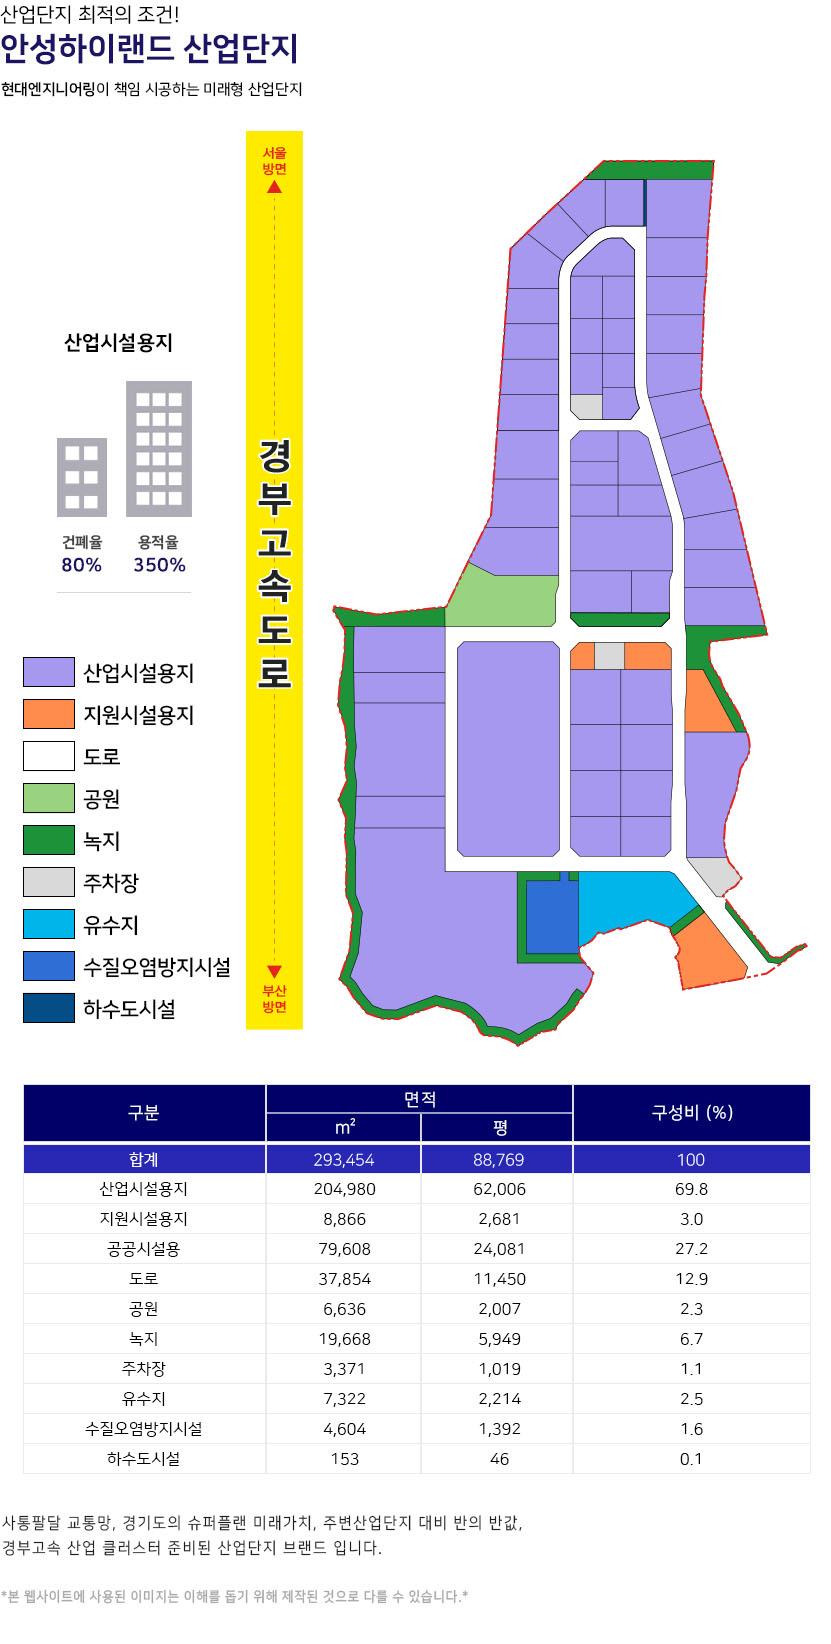 191104_토지이용계획 홈페이지수정.jpg